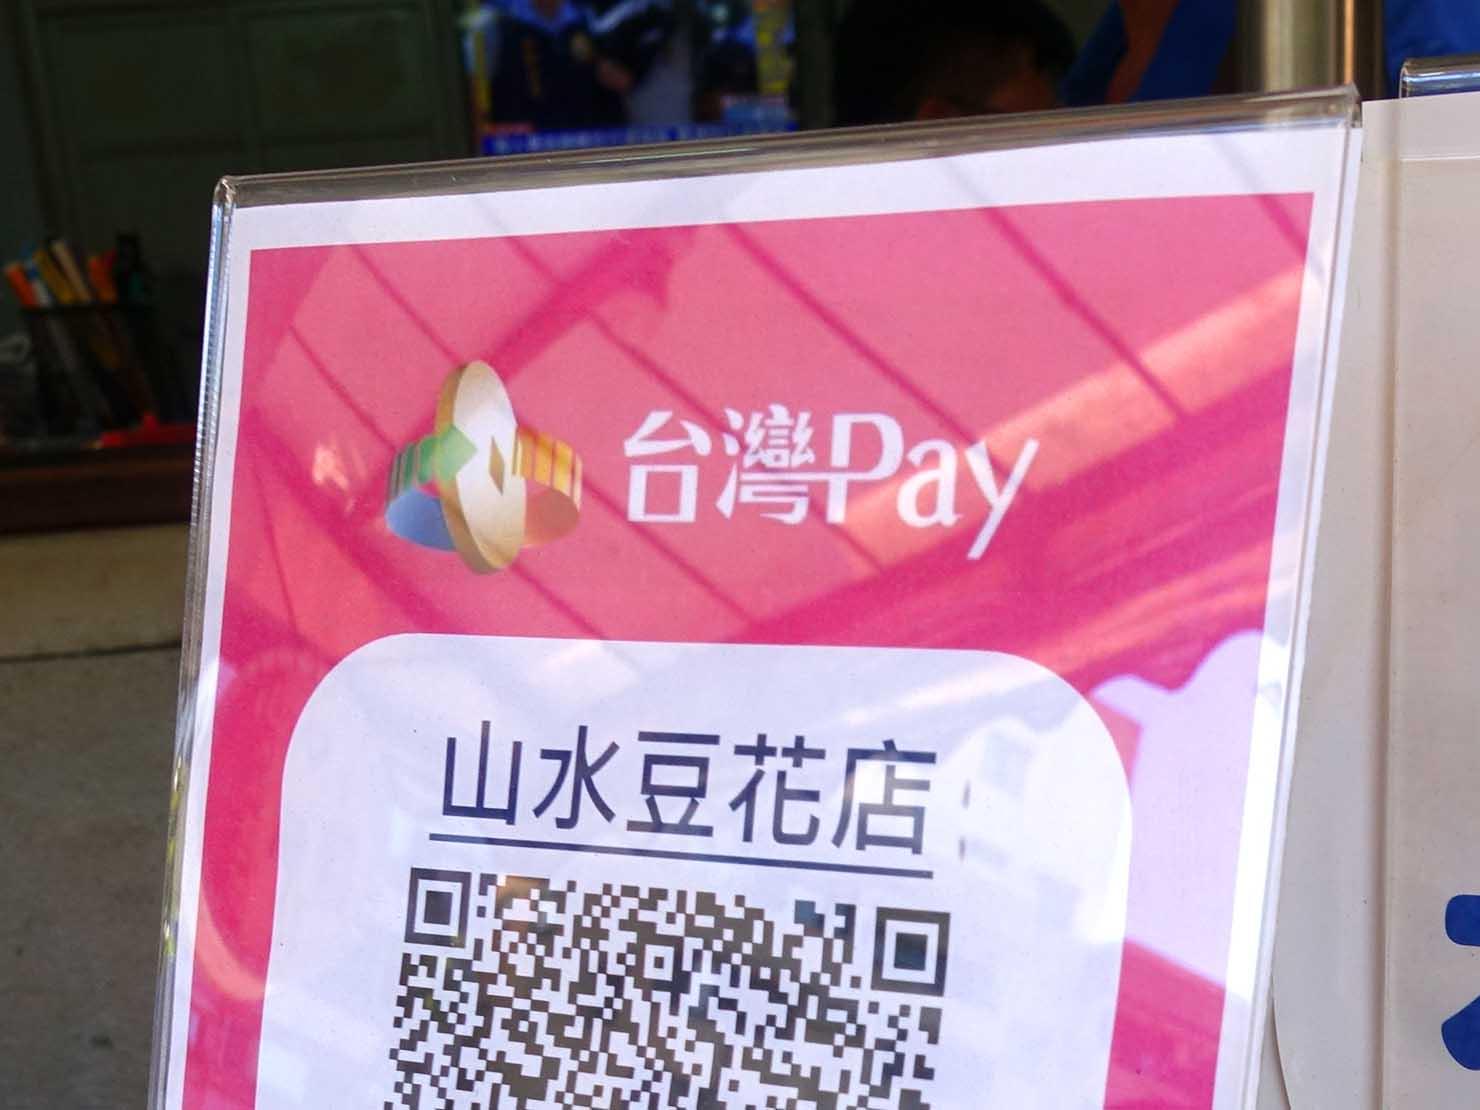 台湾のスマホ決済ツール「台湾Pay」の立て札